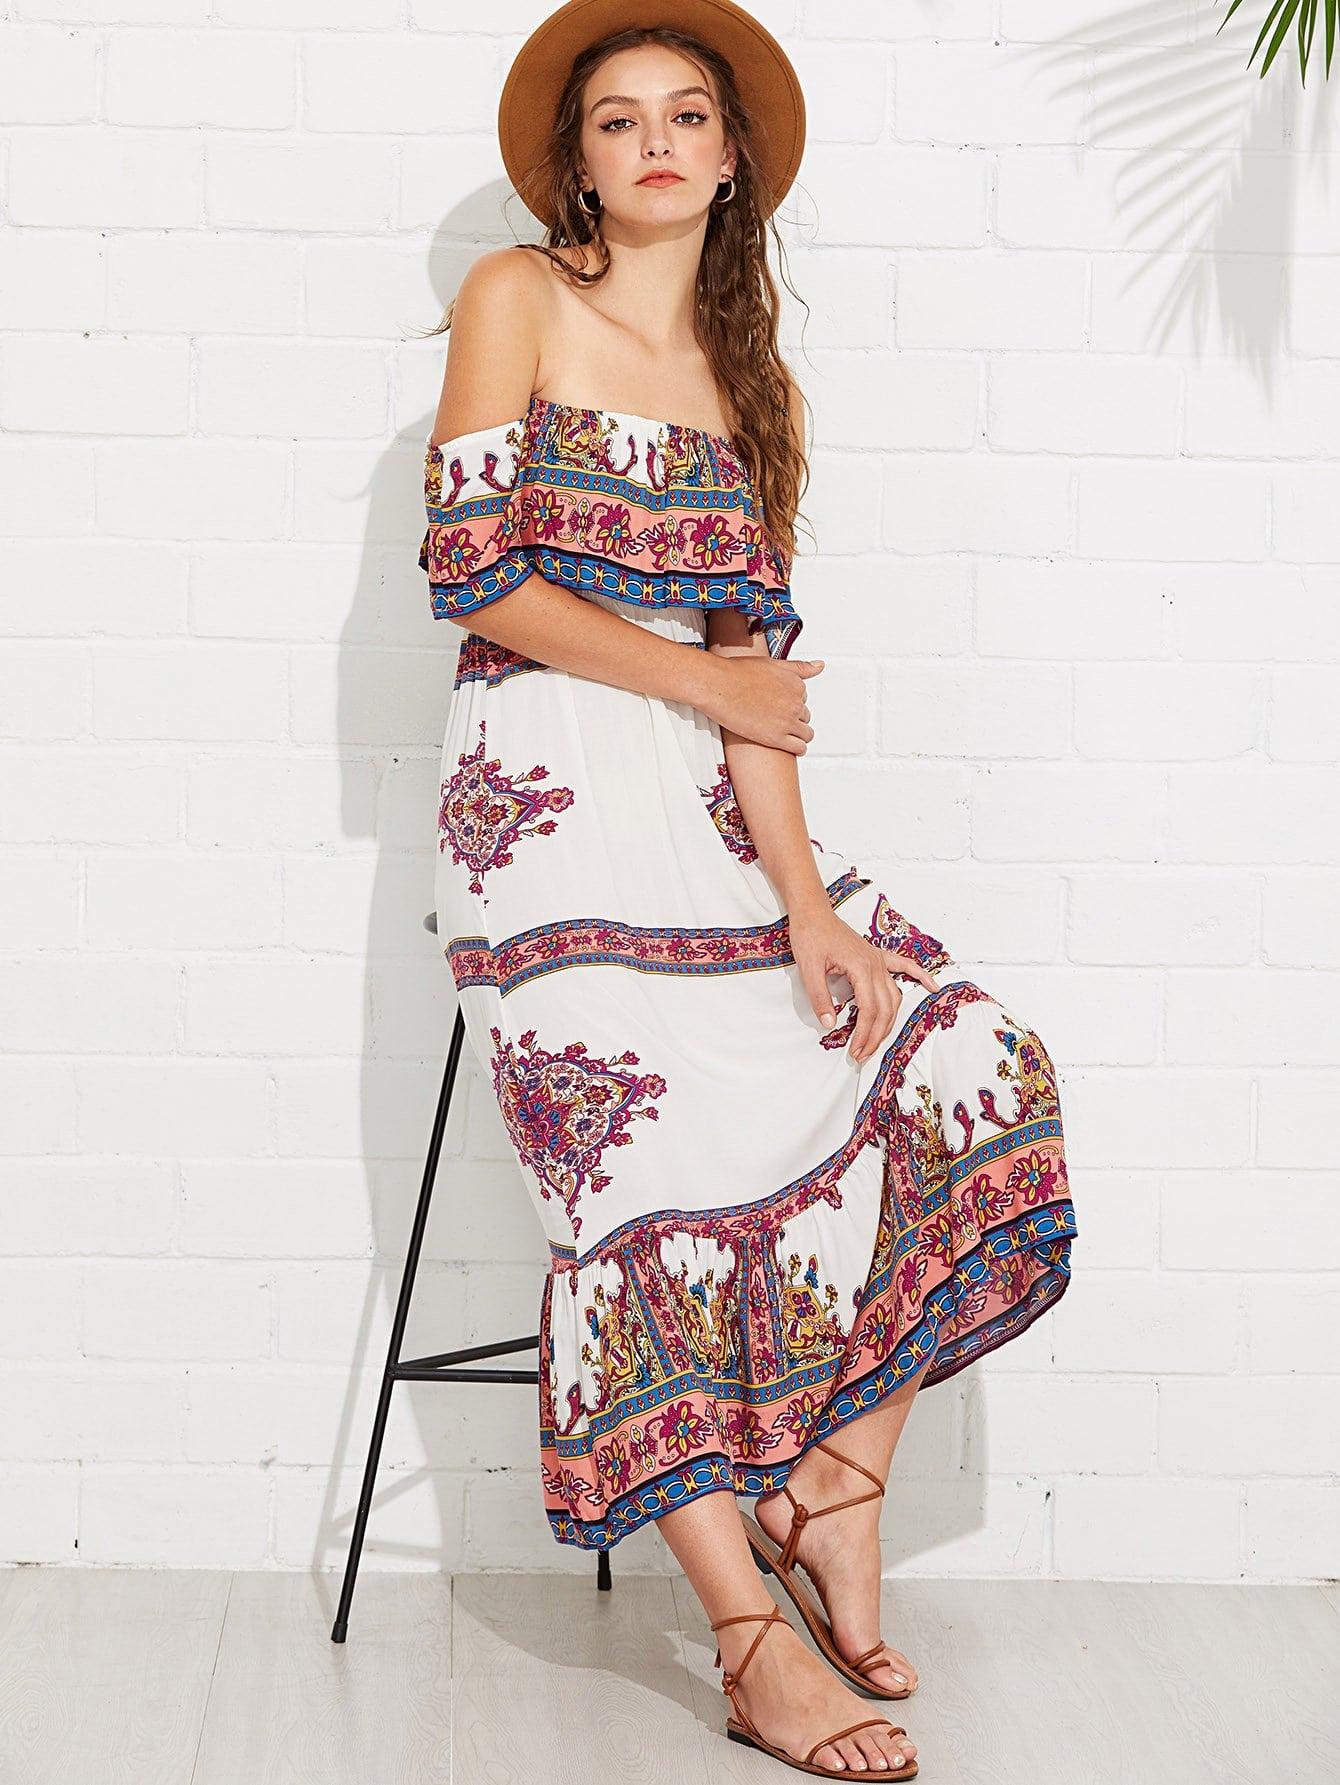 Off Shoulder Floral Printed Dress sweet off the shoulder floral dress for women